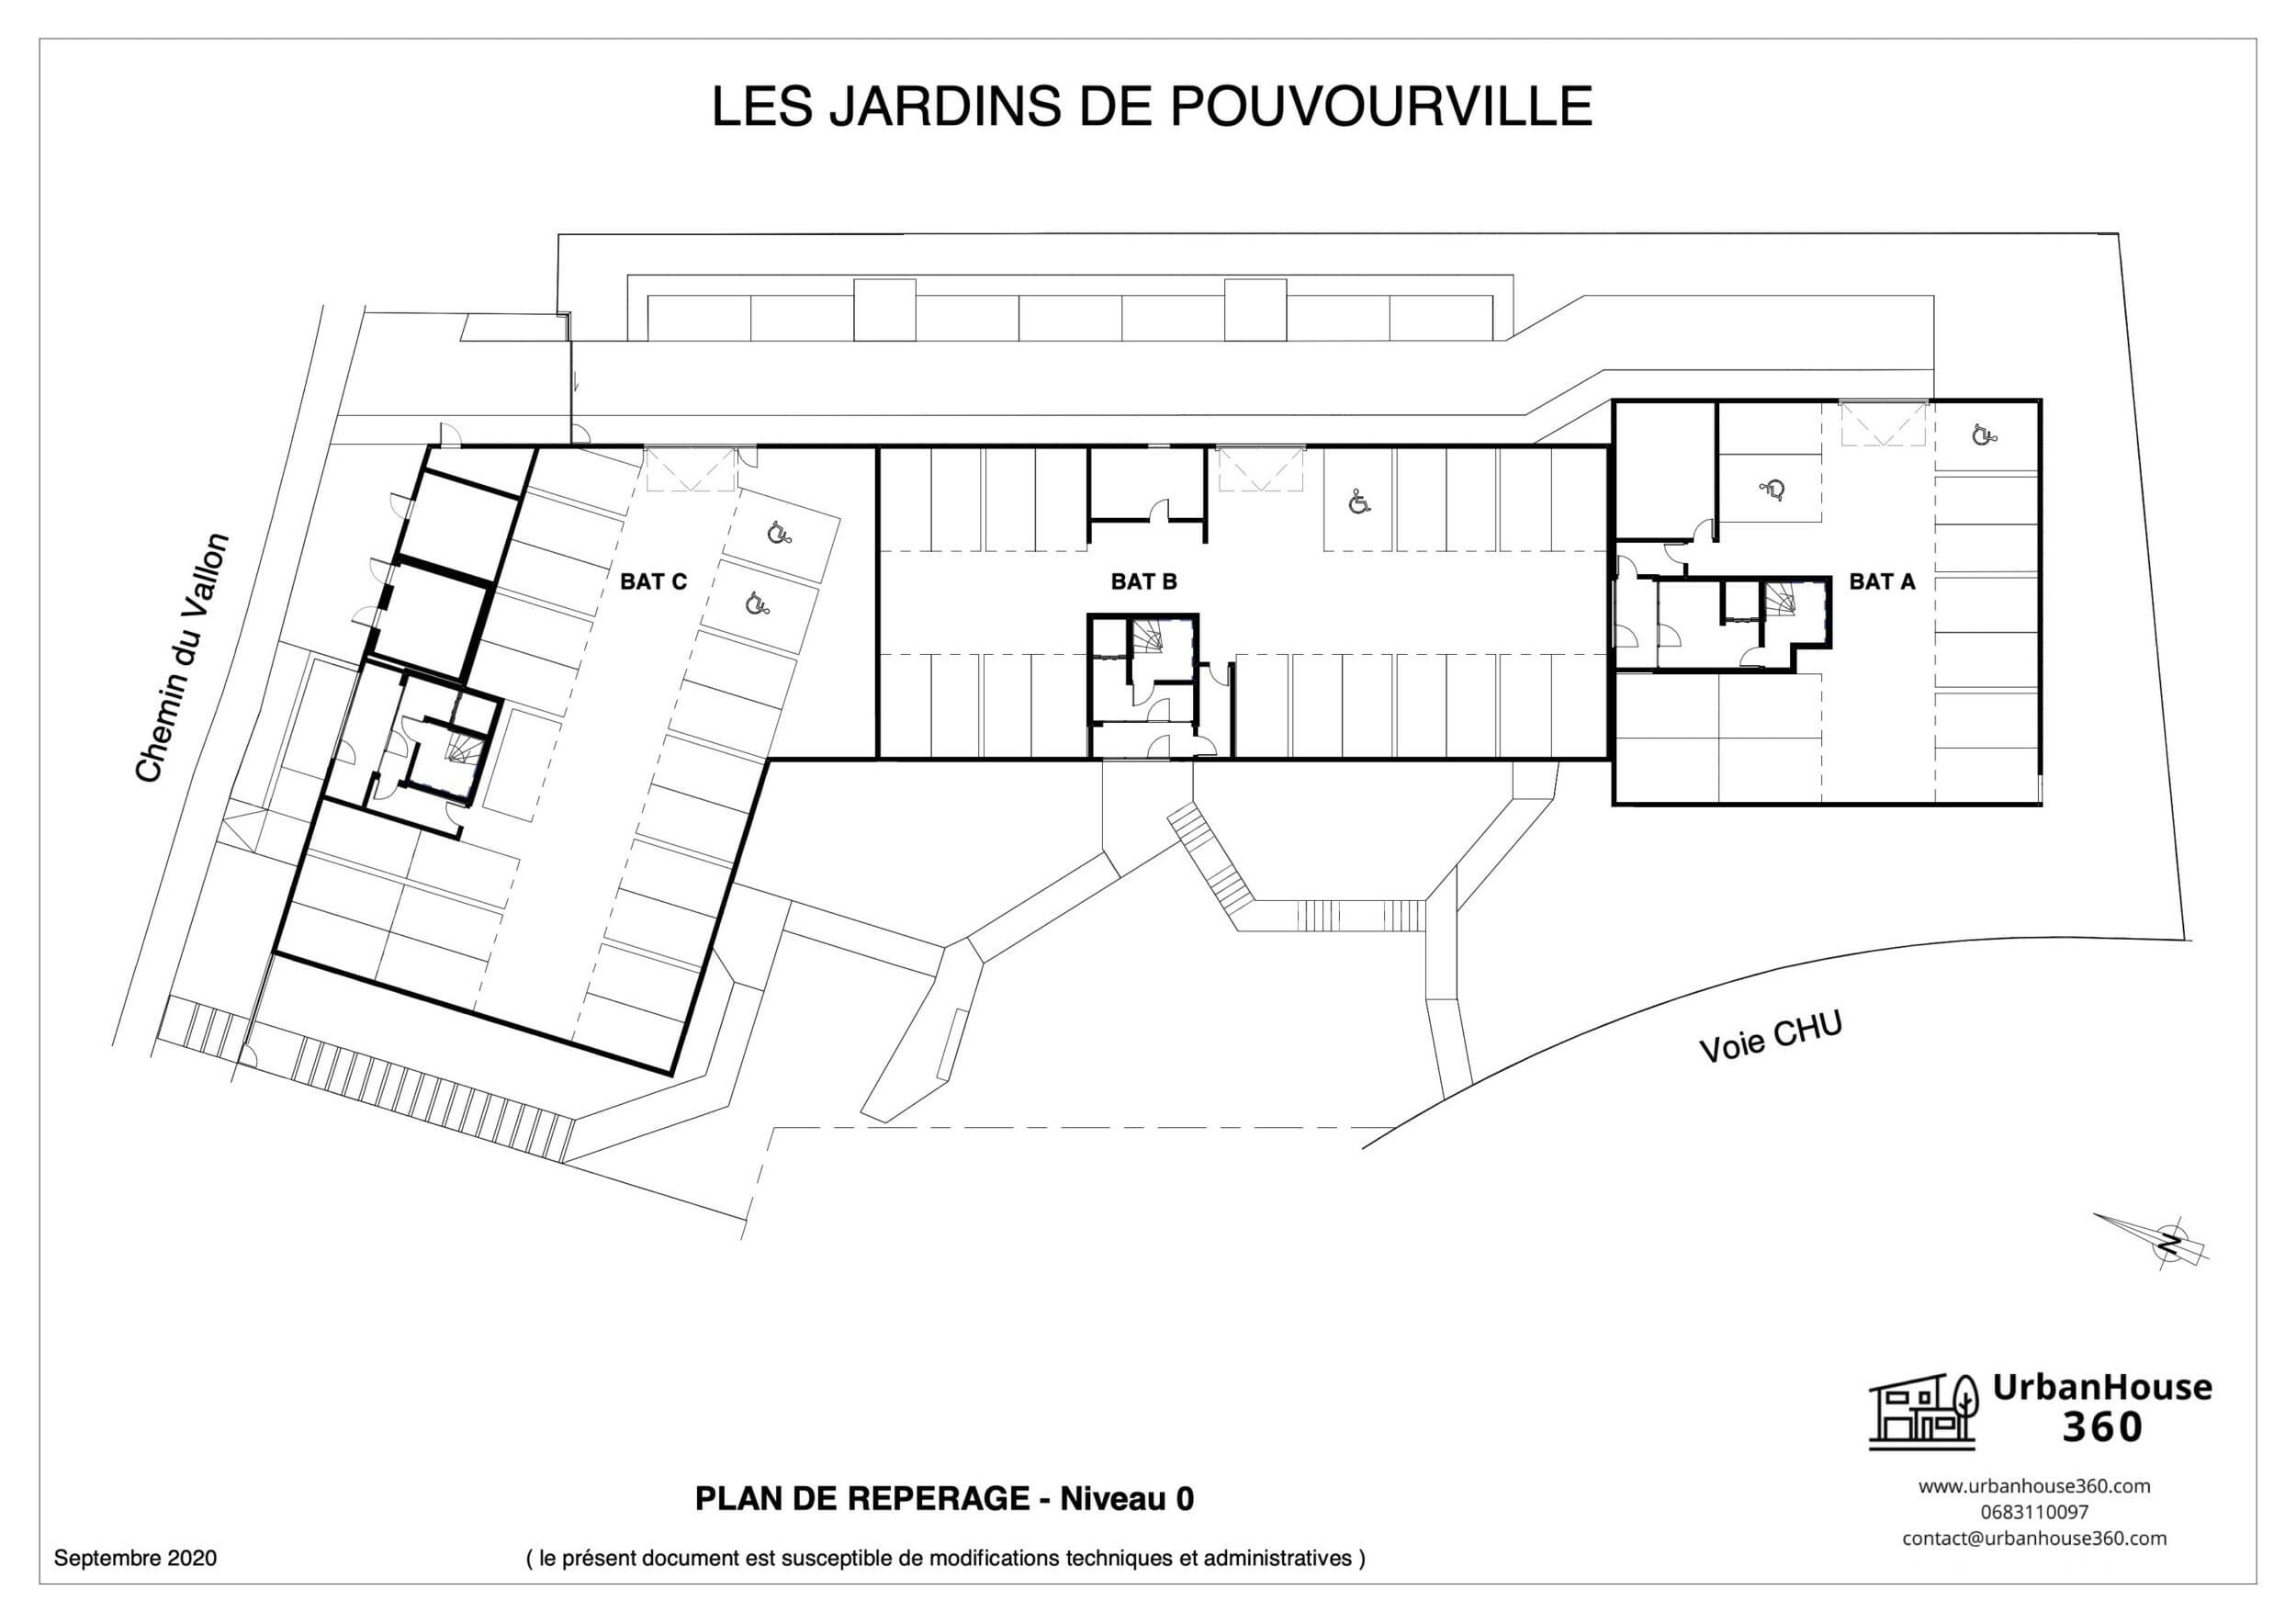 UrbanHouse360-plans_de_reperage-les_jardins_de_pouvourville